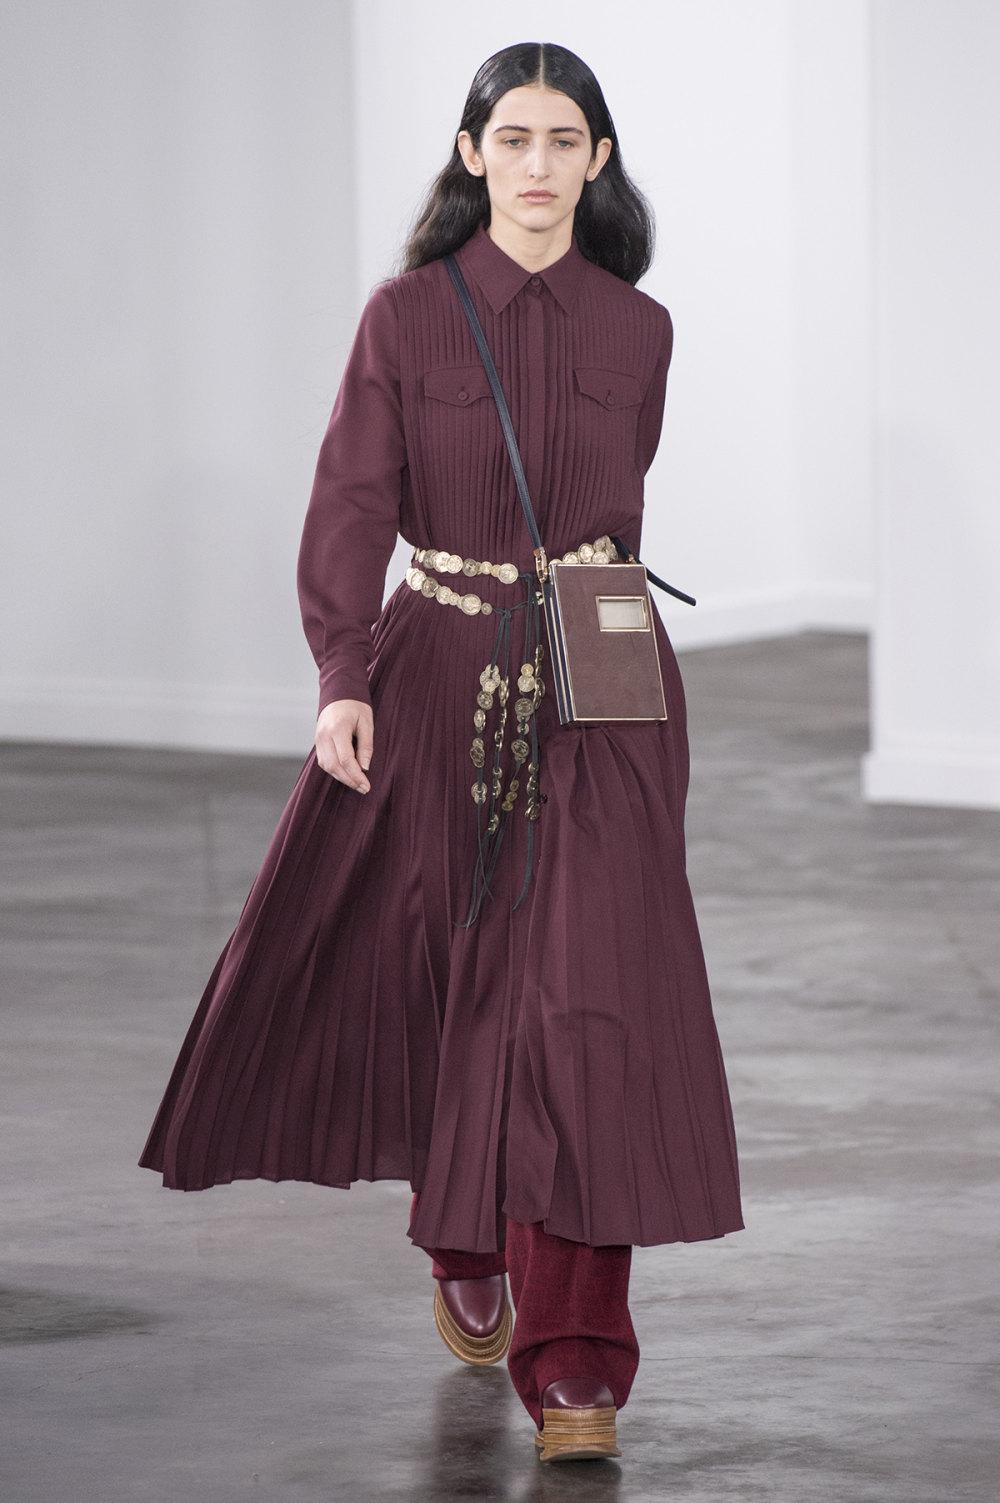 Gabriela Hearst时装系列细条纹西装和宽大毛衣之间形成鲜明对比-14.jpg